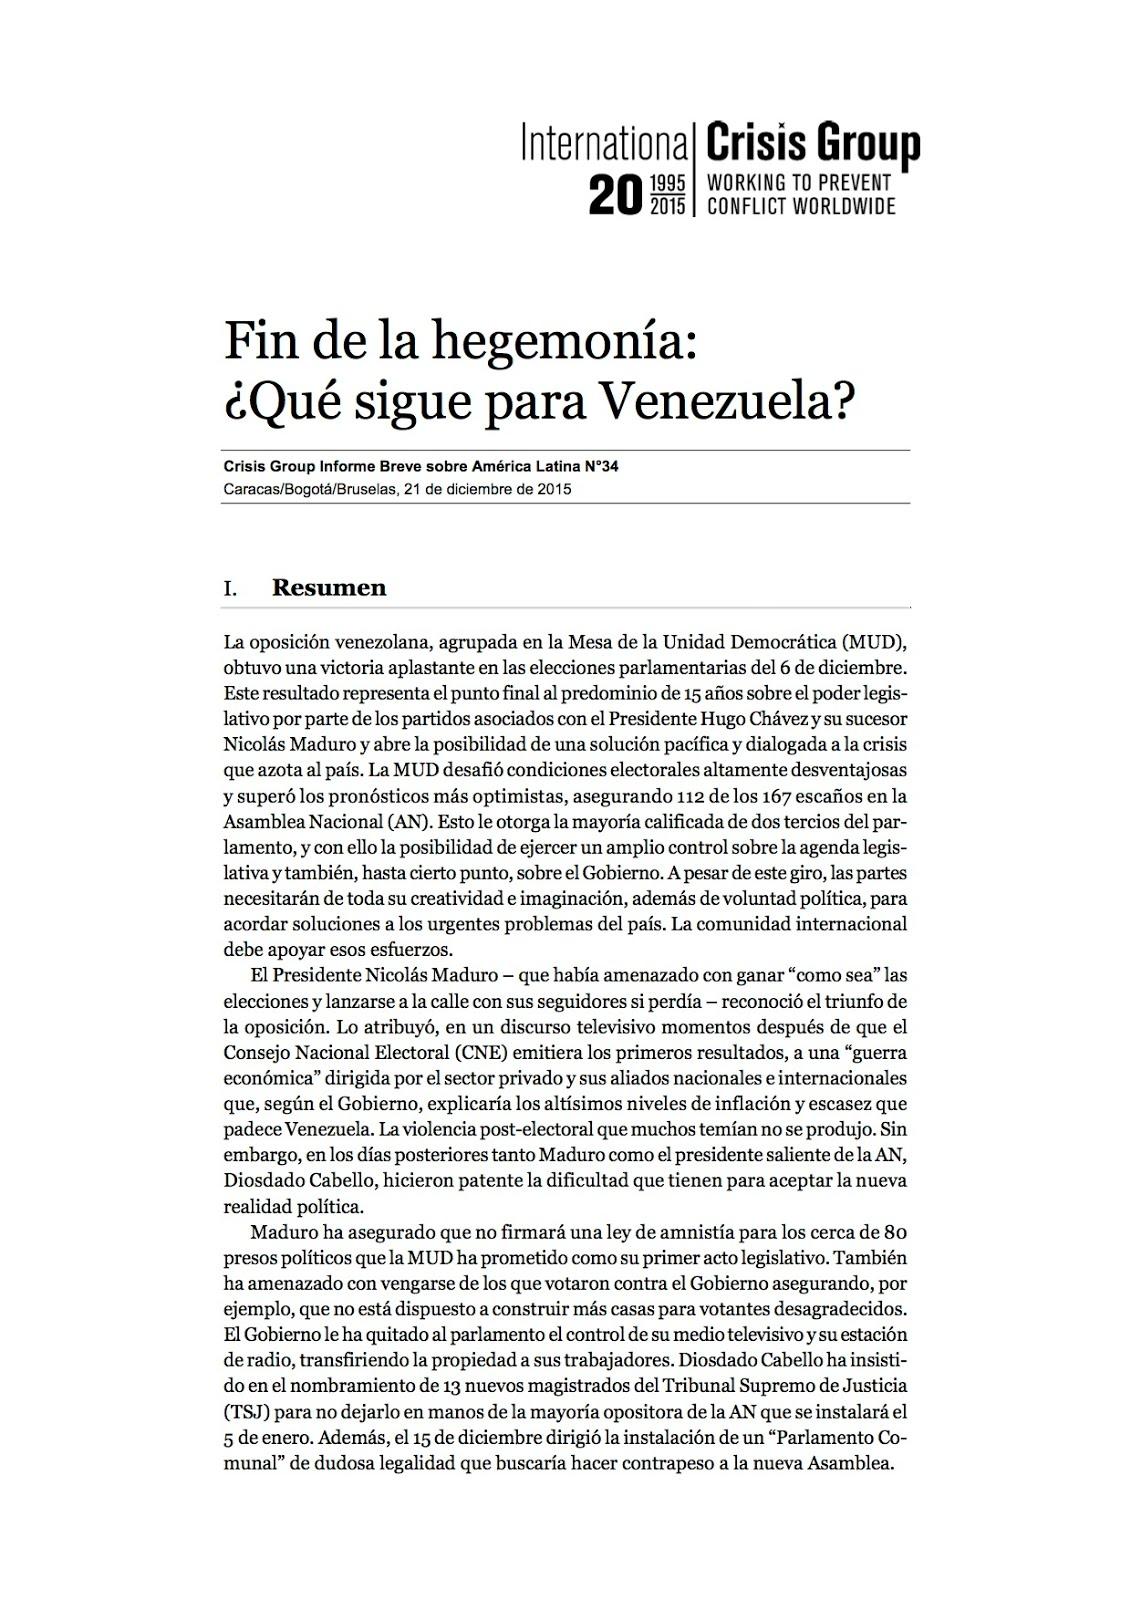 Fin de la hegemonía: ¿Qué sigue para Venezuela?